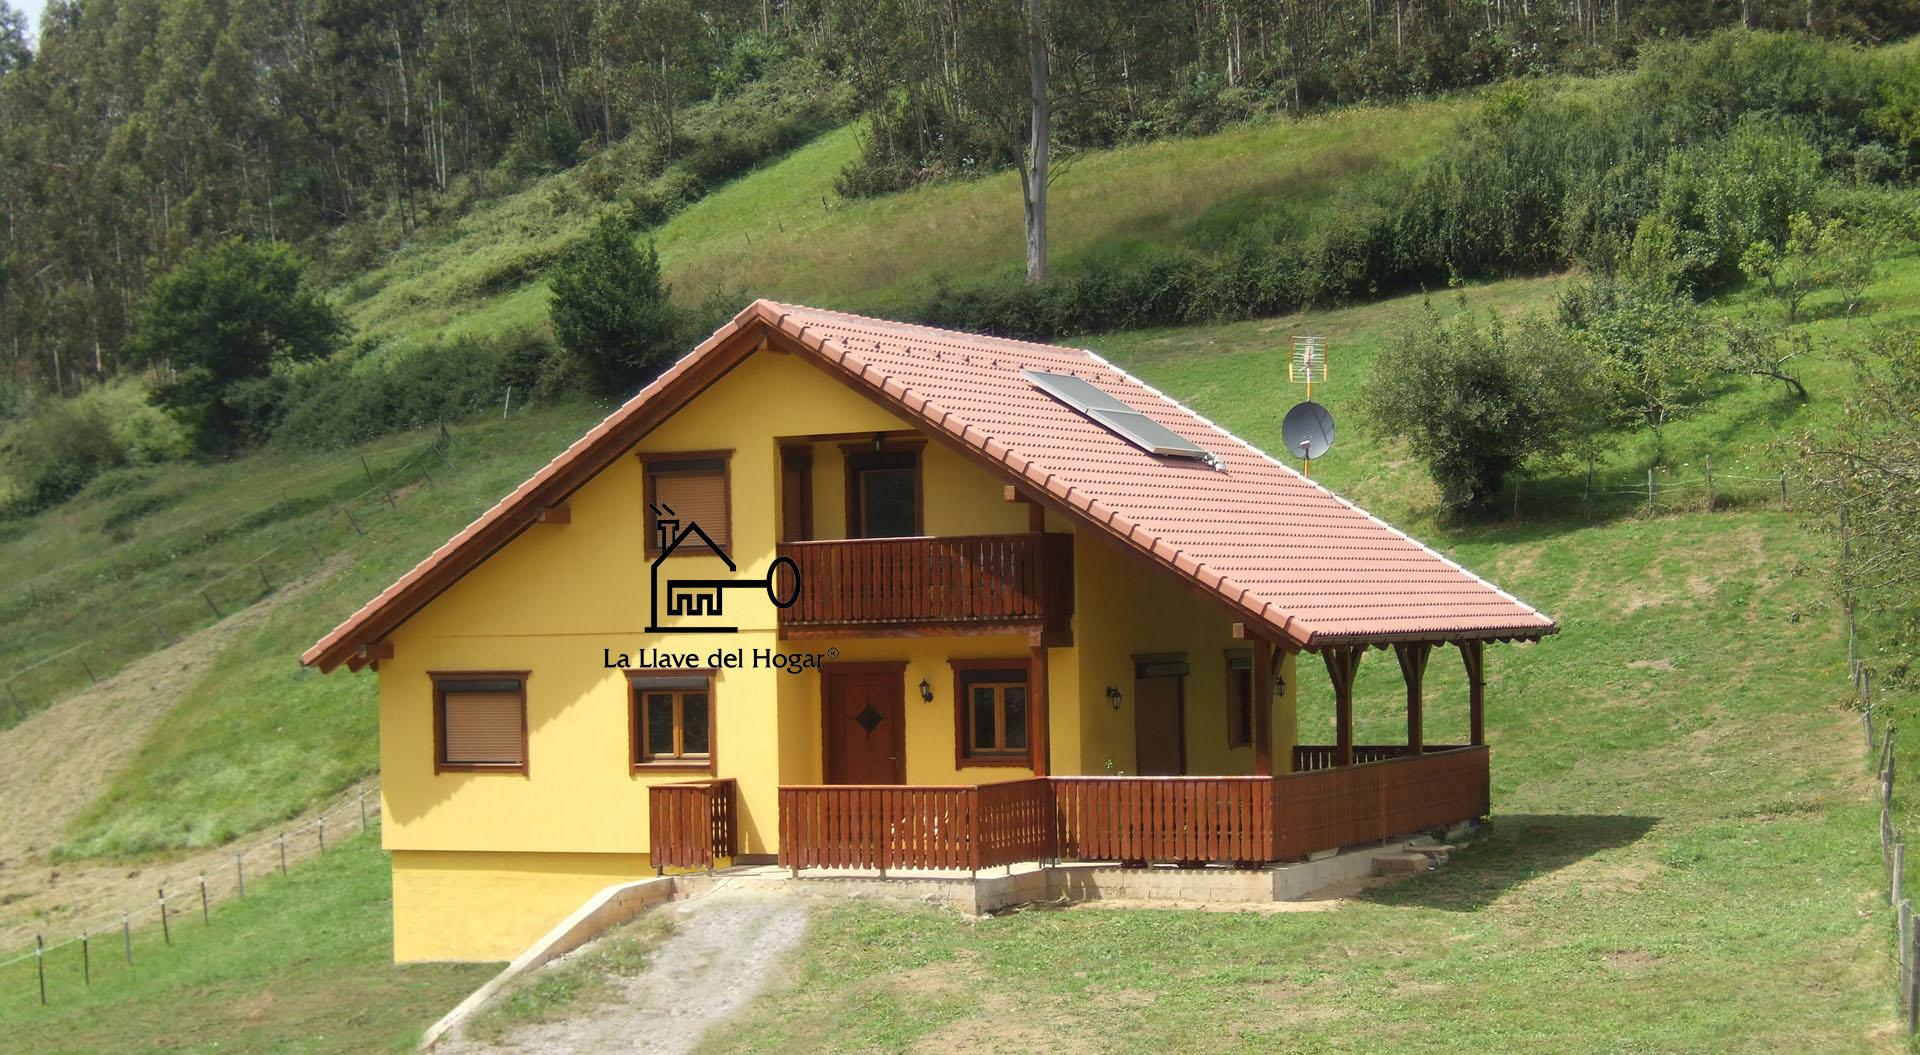 La llave del hogar casas de madera y entramado ligero - Casas en tavernes de la valldigna ...